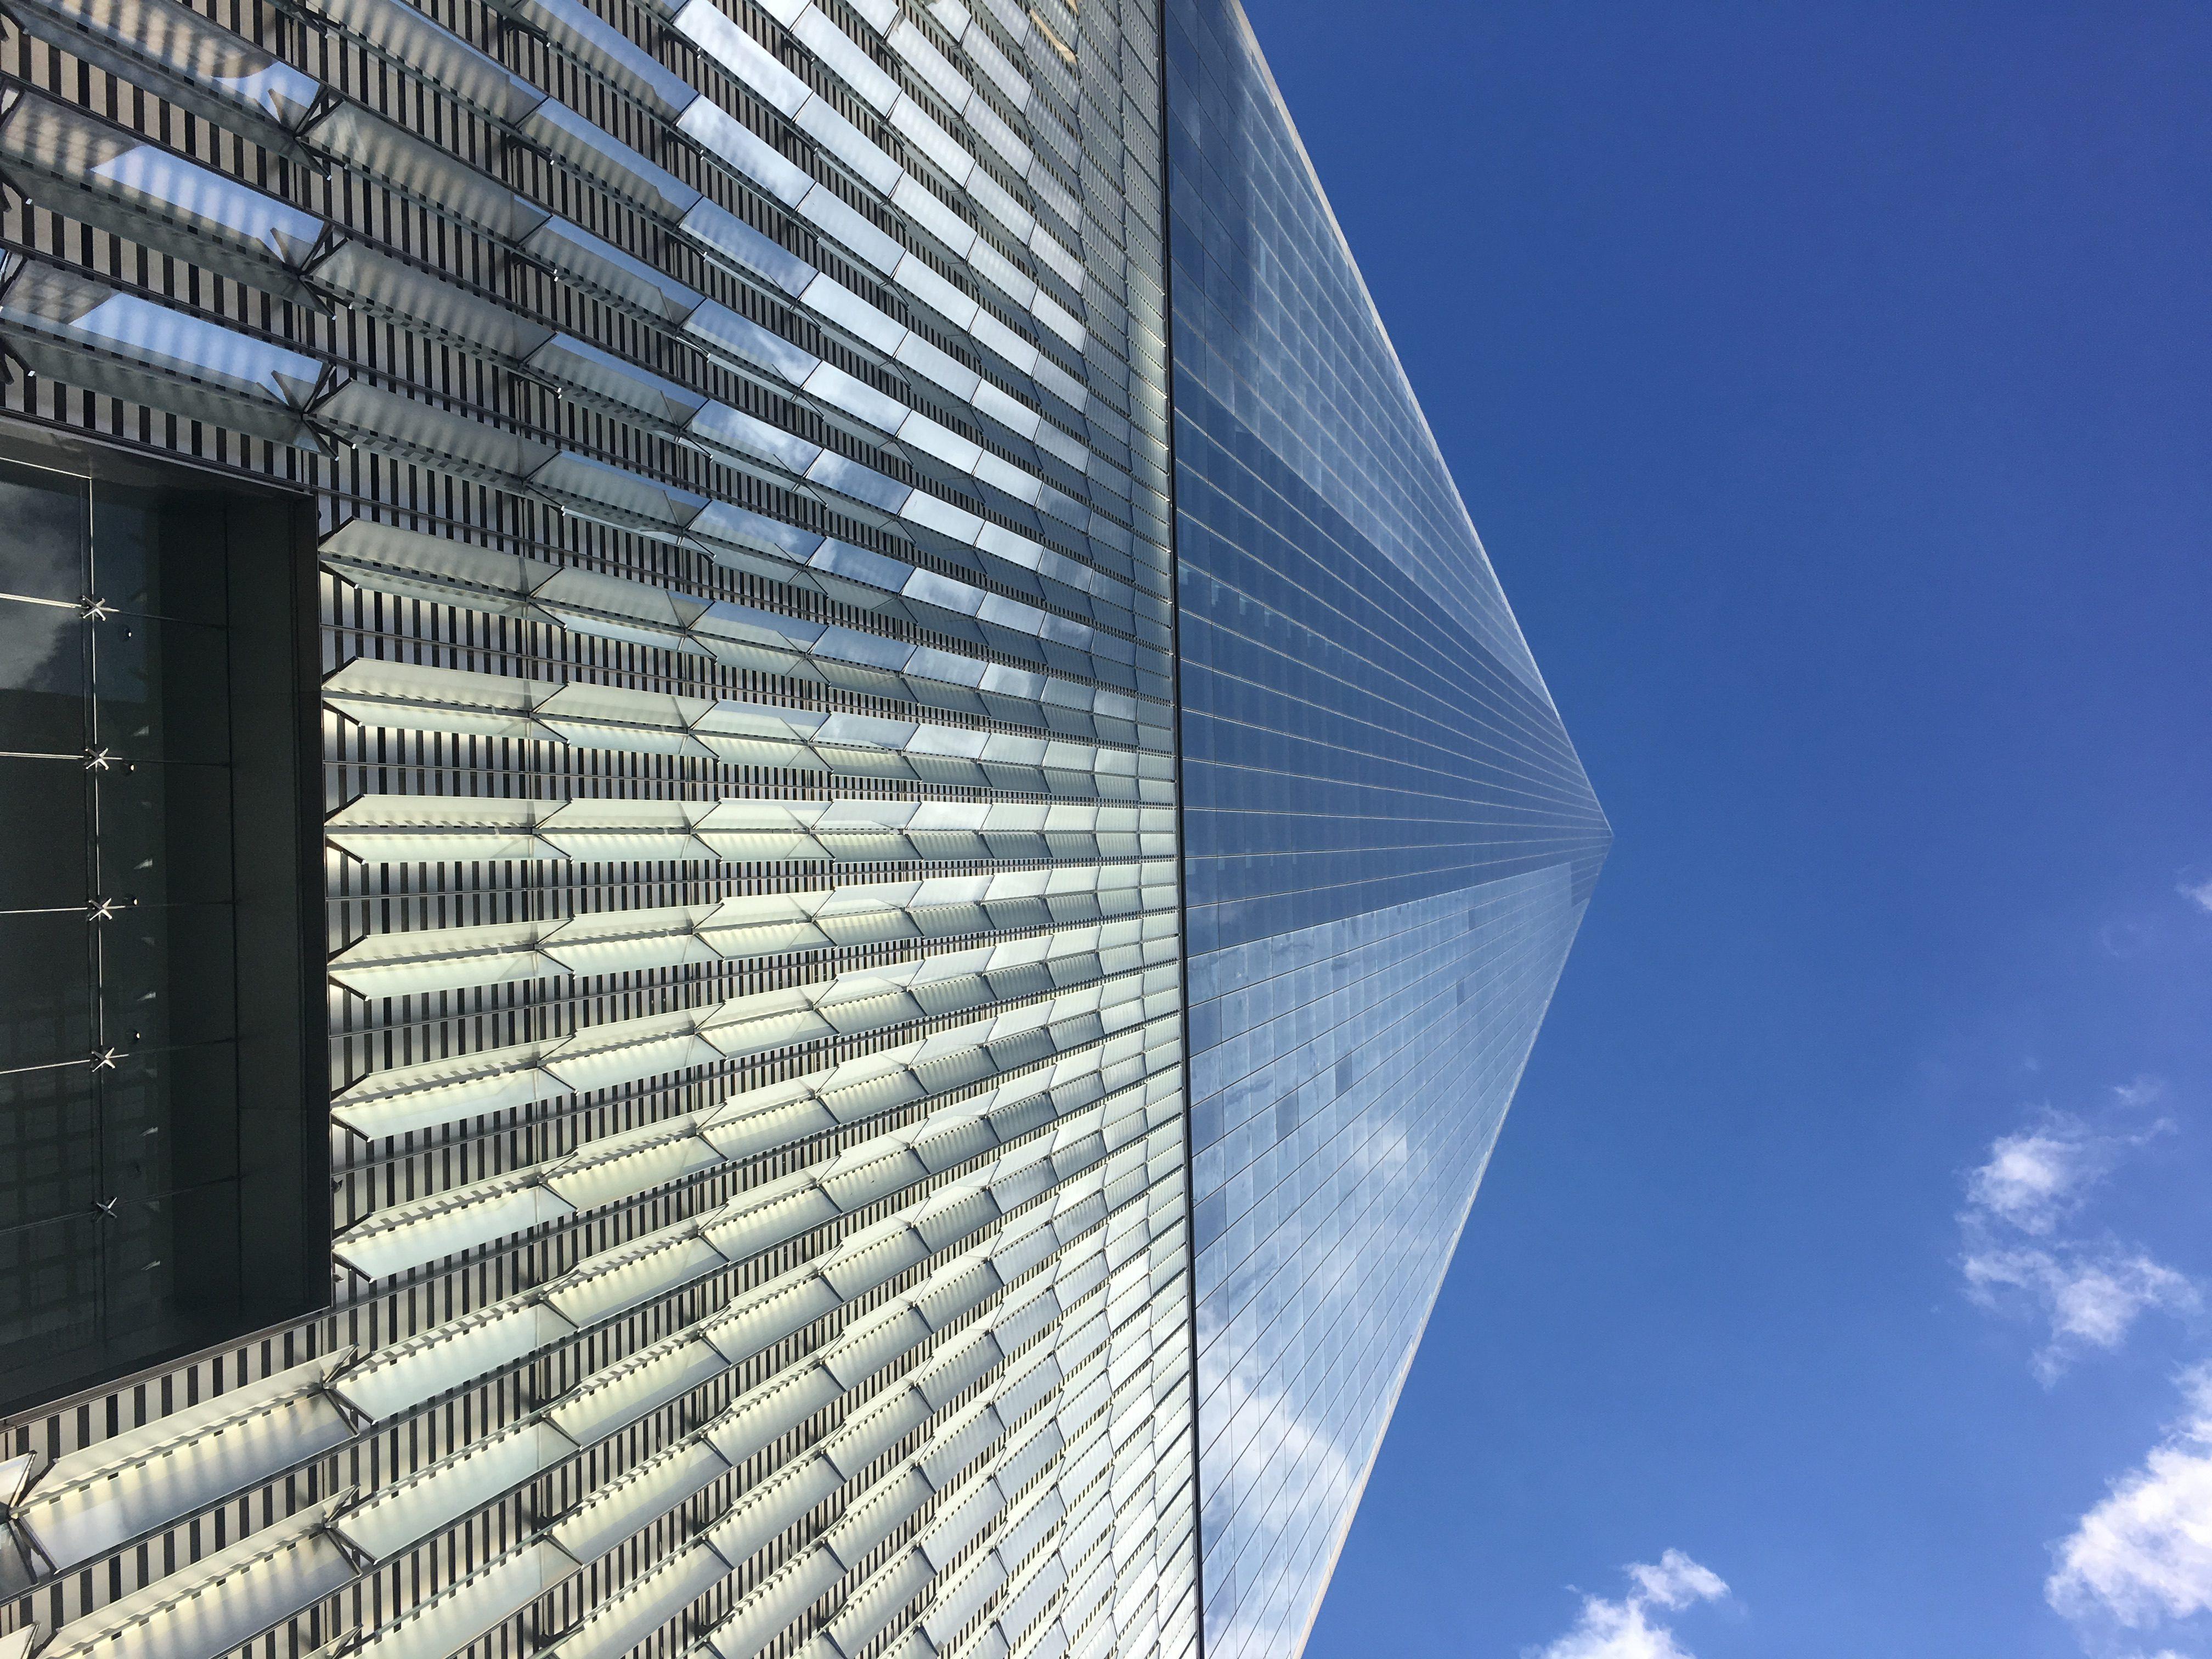 edificio infinito-One World Observatory